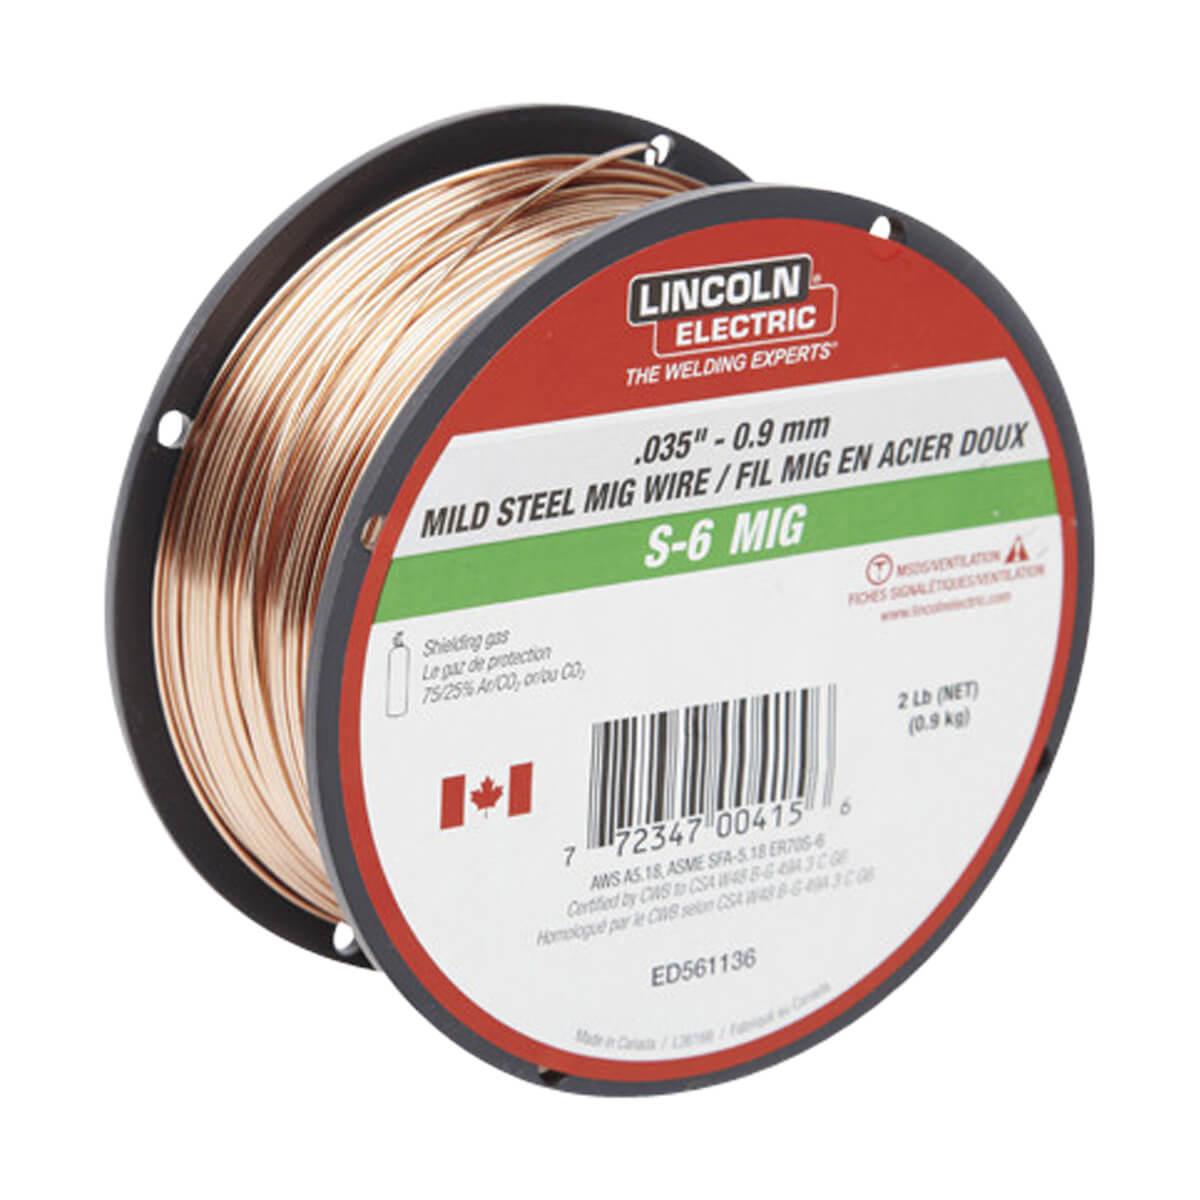 Lincoln Mig Wire STL -  .035 2 lb S-6